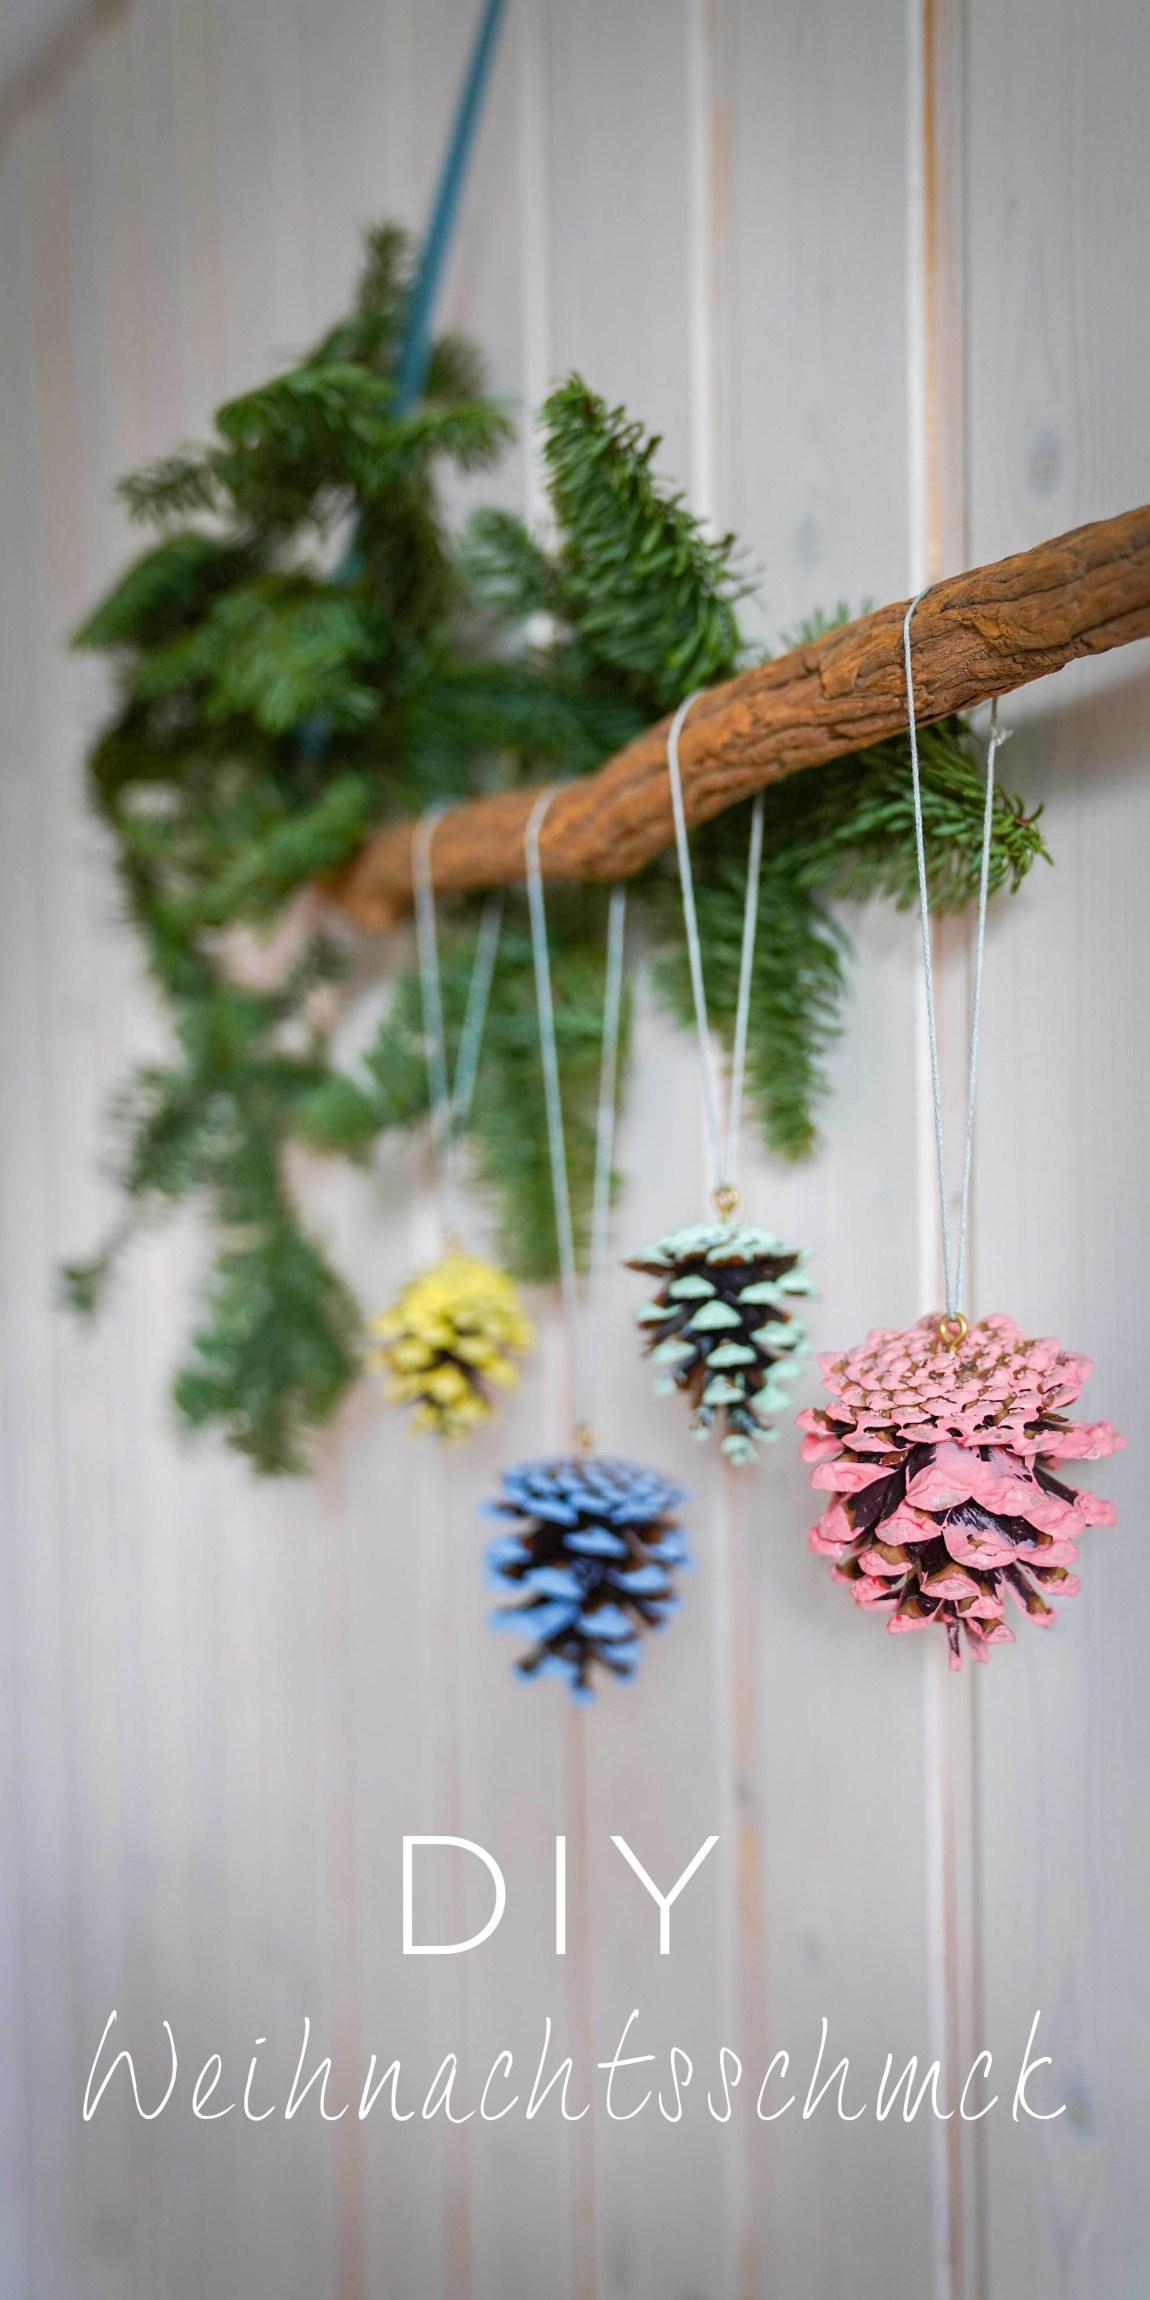 Einfacher Tannenbaumschmuck aus bemalten Tannenzapfen sind ein super Weihnachtsschmuck für den Weihnachtsbaum.Ein DIY dazu auf dem Blog   Ichsowirso